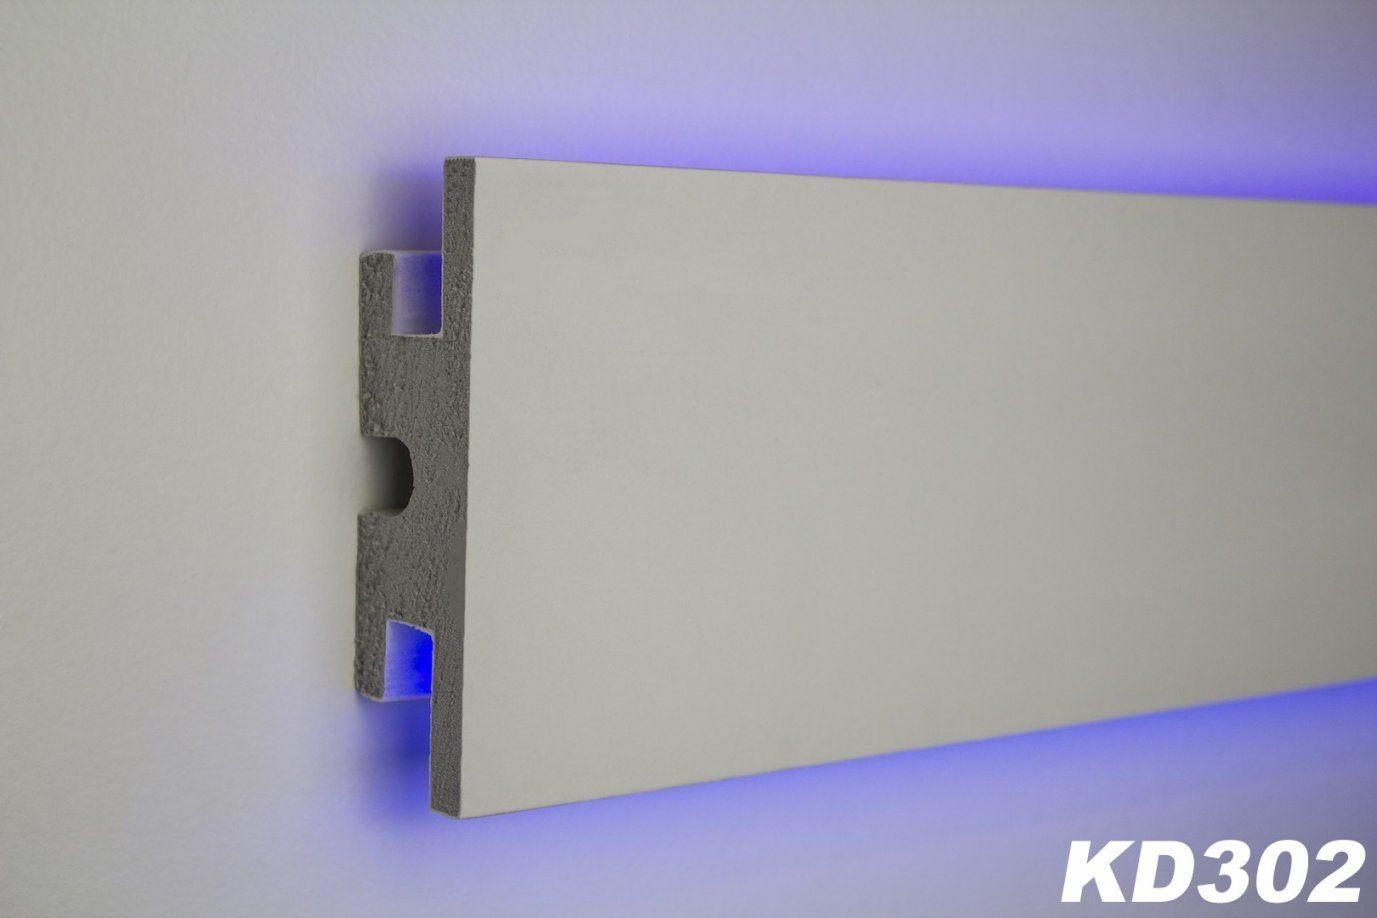 115 Meter Led Stuckleiste Für Indirekte Beleuchtung Xps 120X40 von Stuckleiste Für Indirekte Beleuchtung Bild